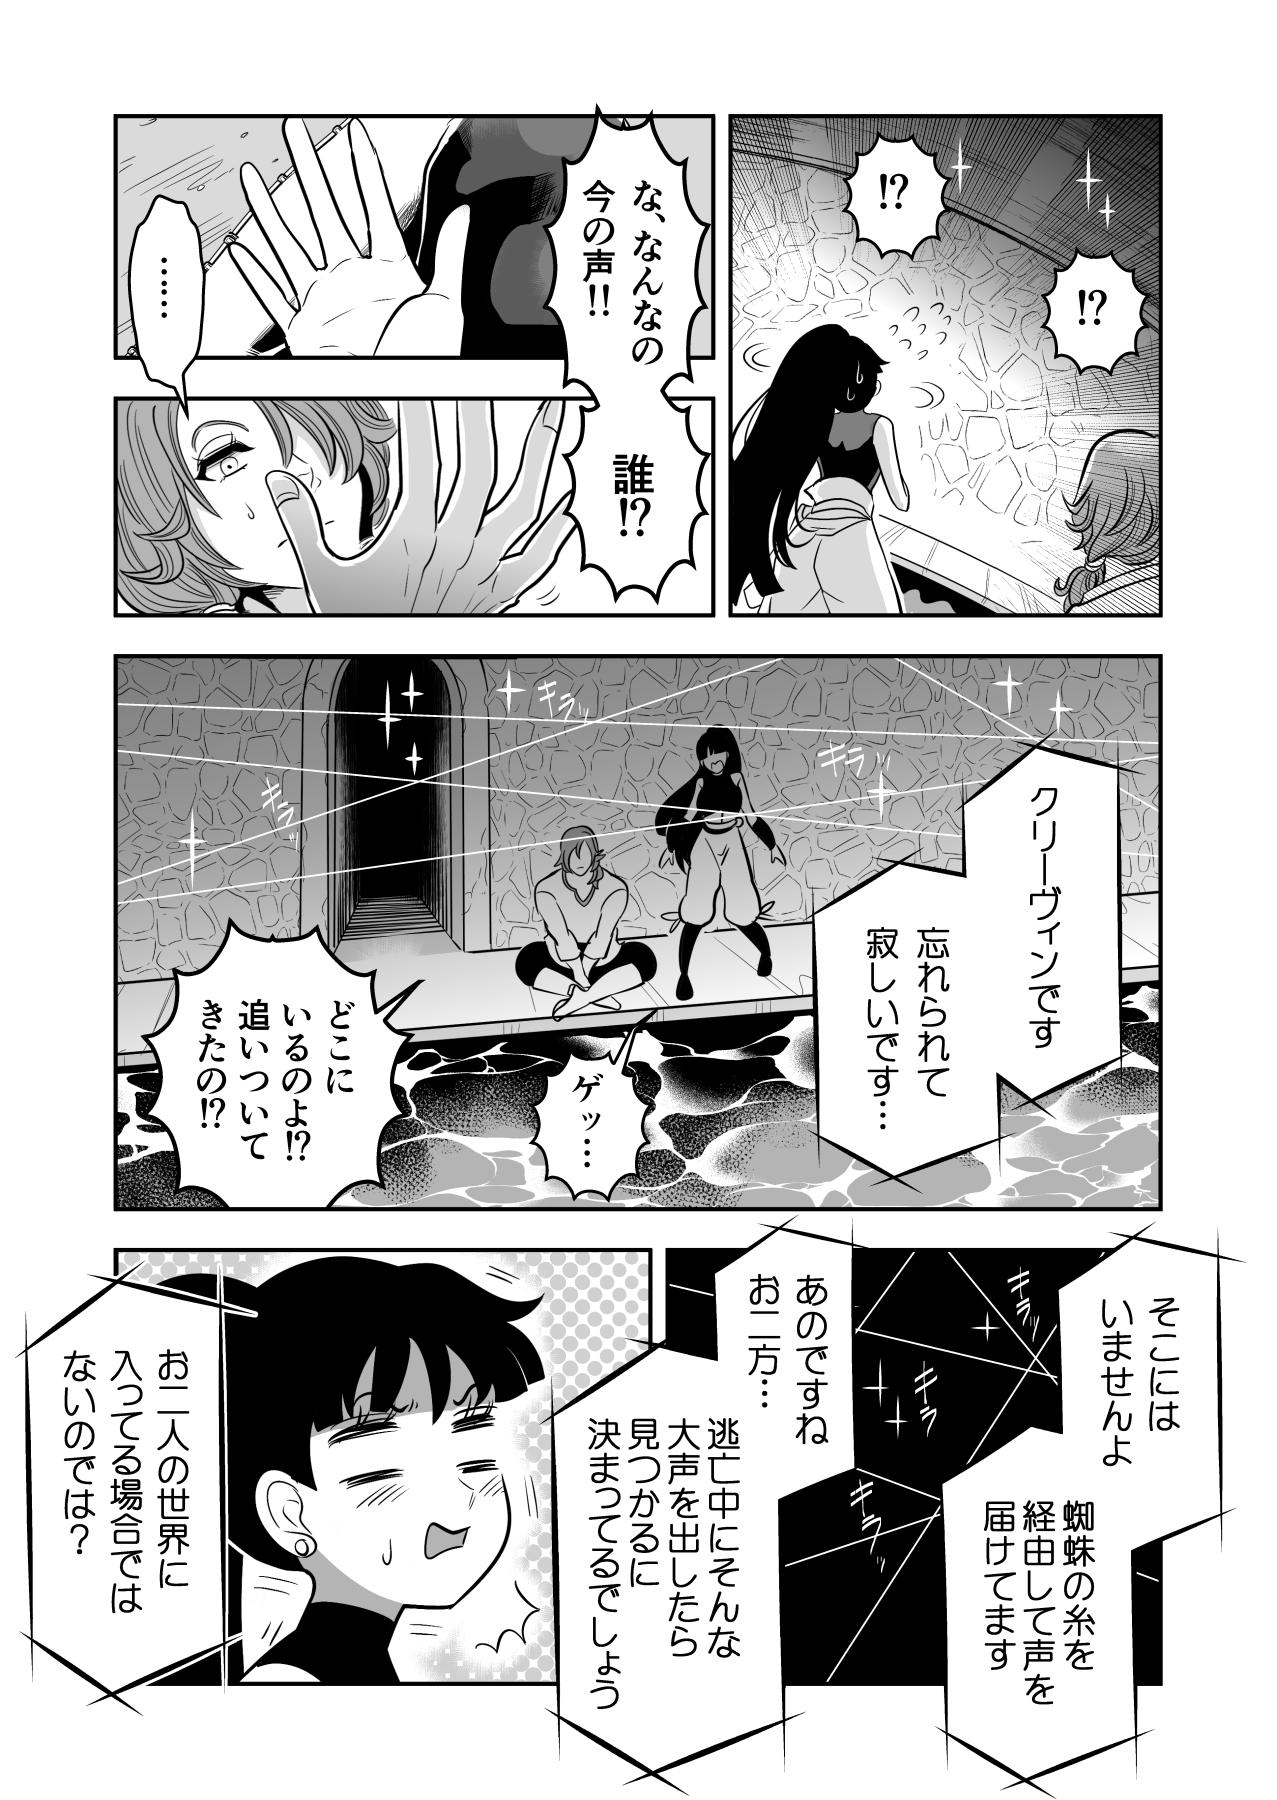 ヤサグレ魔女と第1王子と吸血鬼⑩ (2)